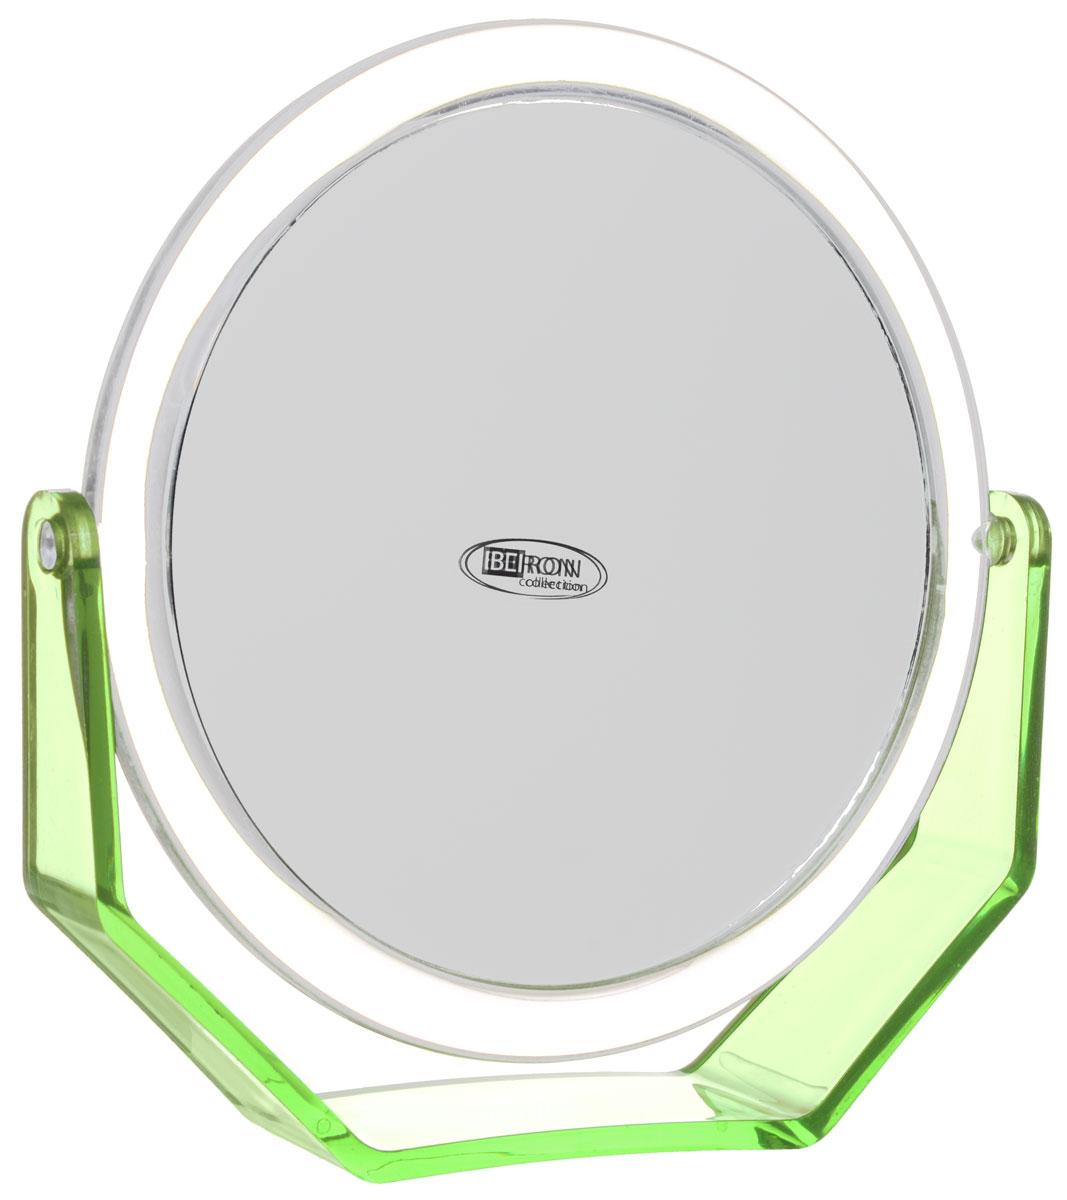 Beiron Зеркало косметическое, настольное, двустороннее, цвет: салатовый. 530-1129530-1129Косметическое зеркало Beiron в пластиковой оправе идеально подходит для утреннего туалета и макияжа, где бы вы ни были. С одной стороны обычное зеркало, с другой - с 2-х кратным увеличением.